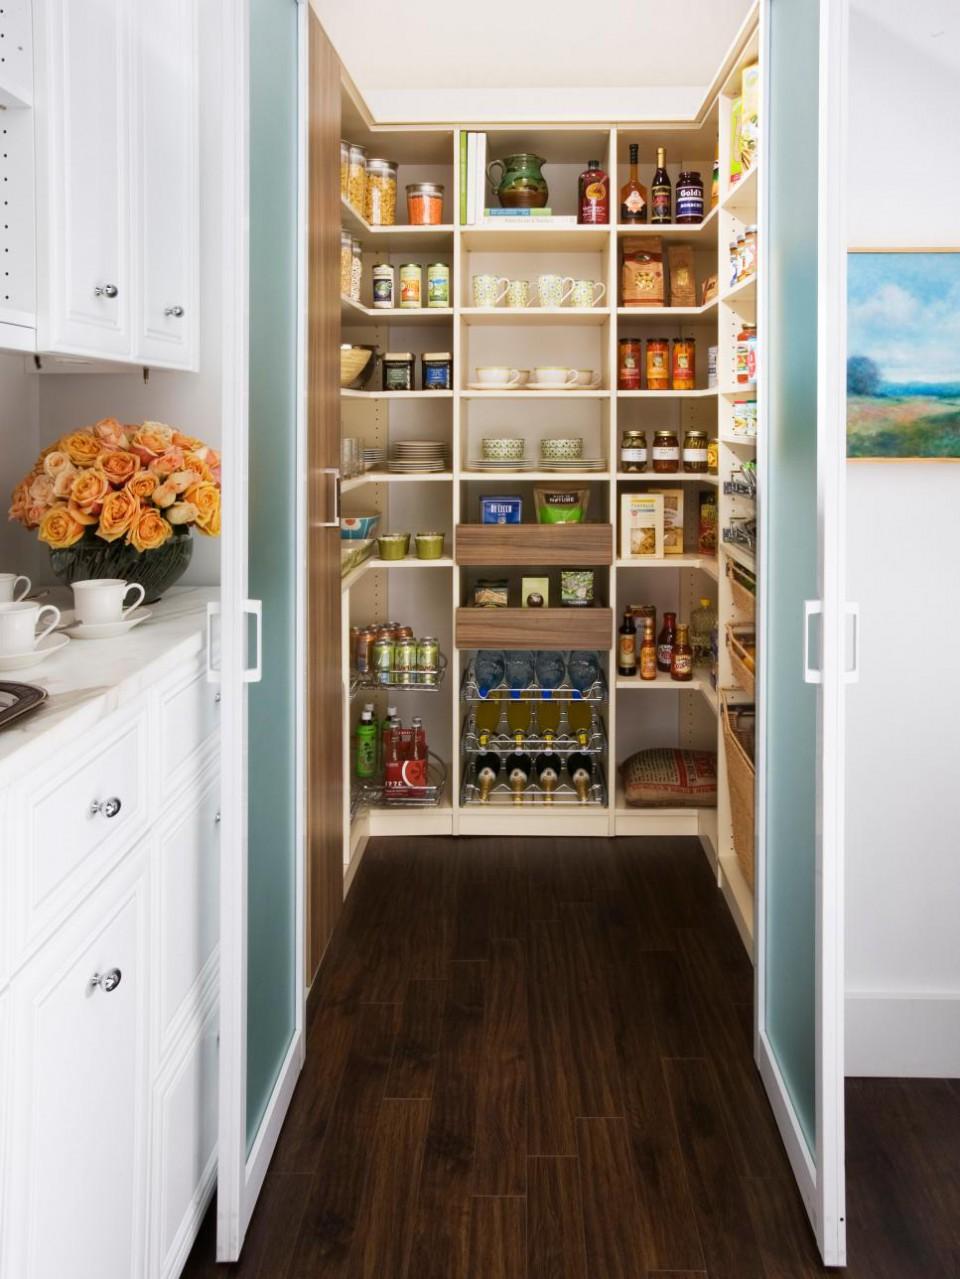 Dapur Memang Salah Satu Ruangan Yang Pasti Terdapat Dalam Rumah Baik Itu Besar Maupun Kecil Berbagai Peralatan Tersebar Di Area